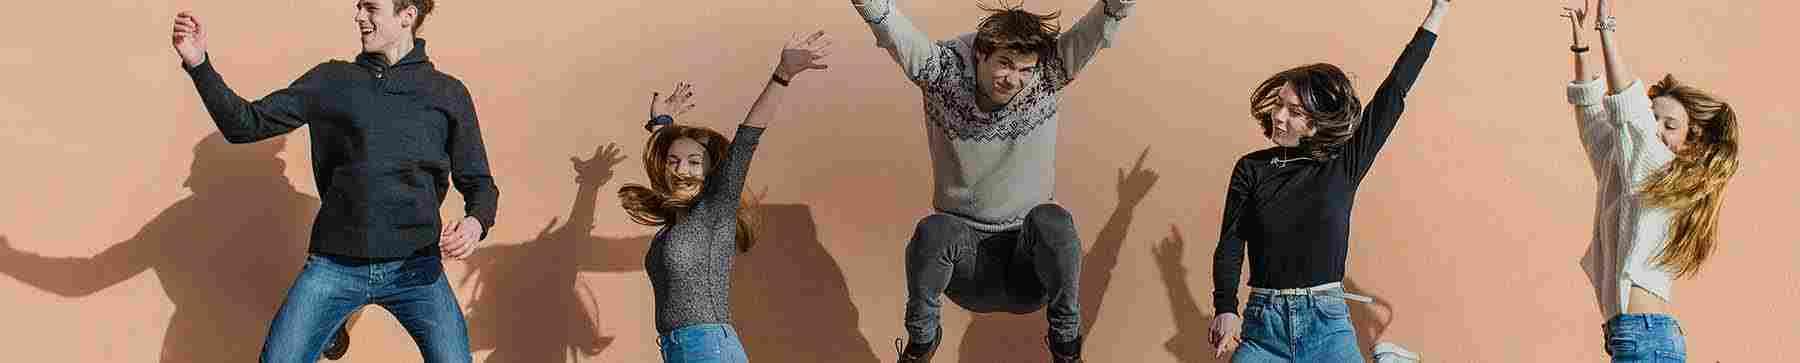 En grupp vänner som hoppar med armarna i luften medan de skrattar och ler